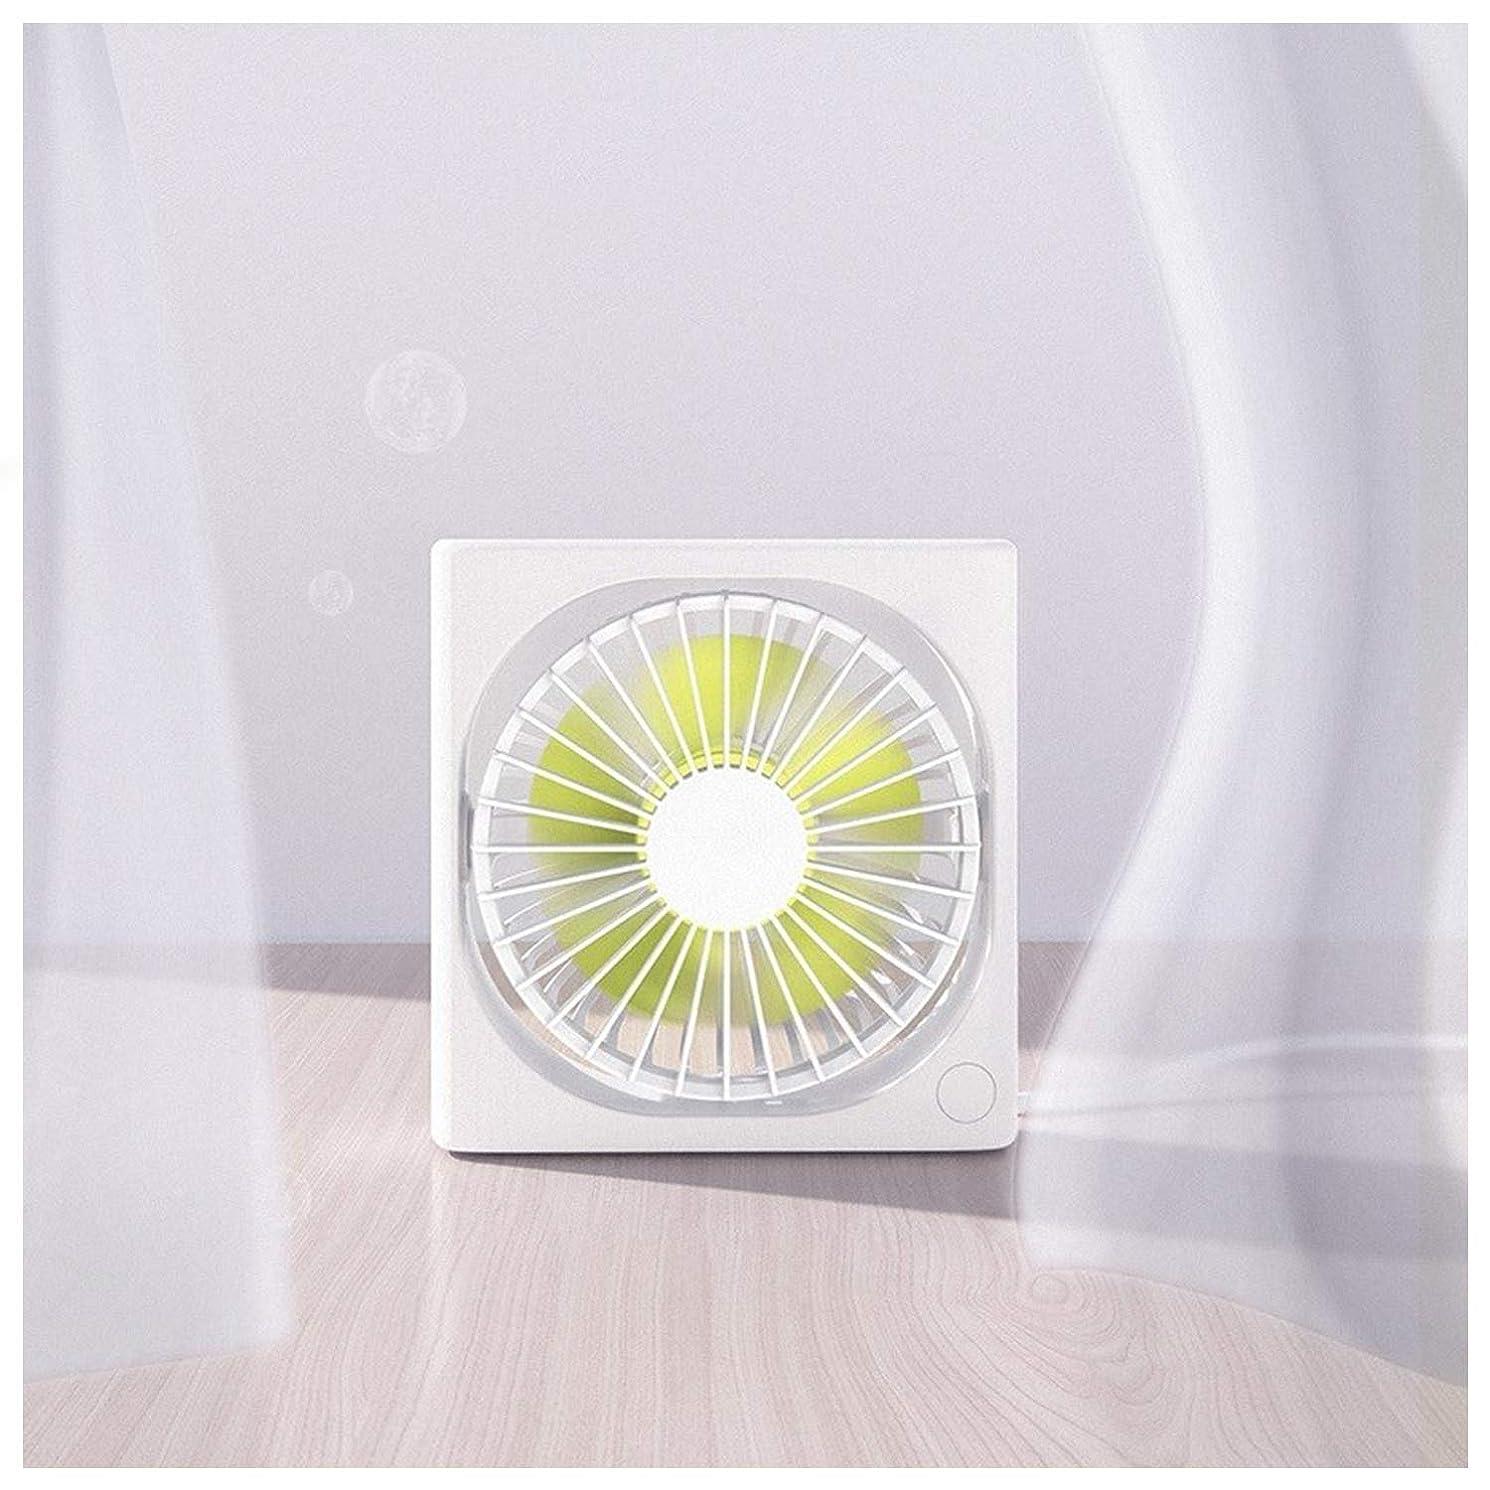 表示告発者多用途Usbポータブルテーブルファンデスクトップ大風消音ファンオフィスホーム屋外ミニファン 携帯扇風機 (Color : White)